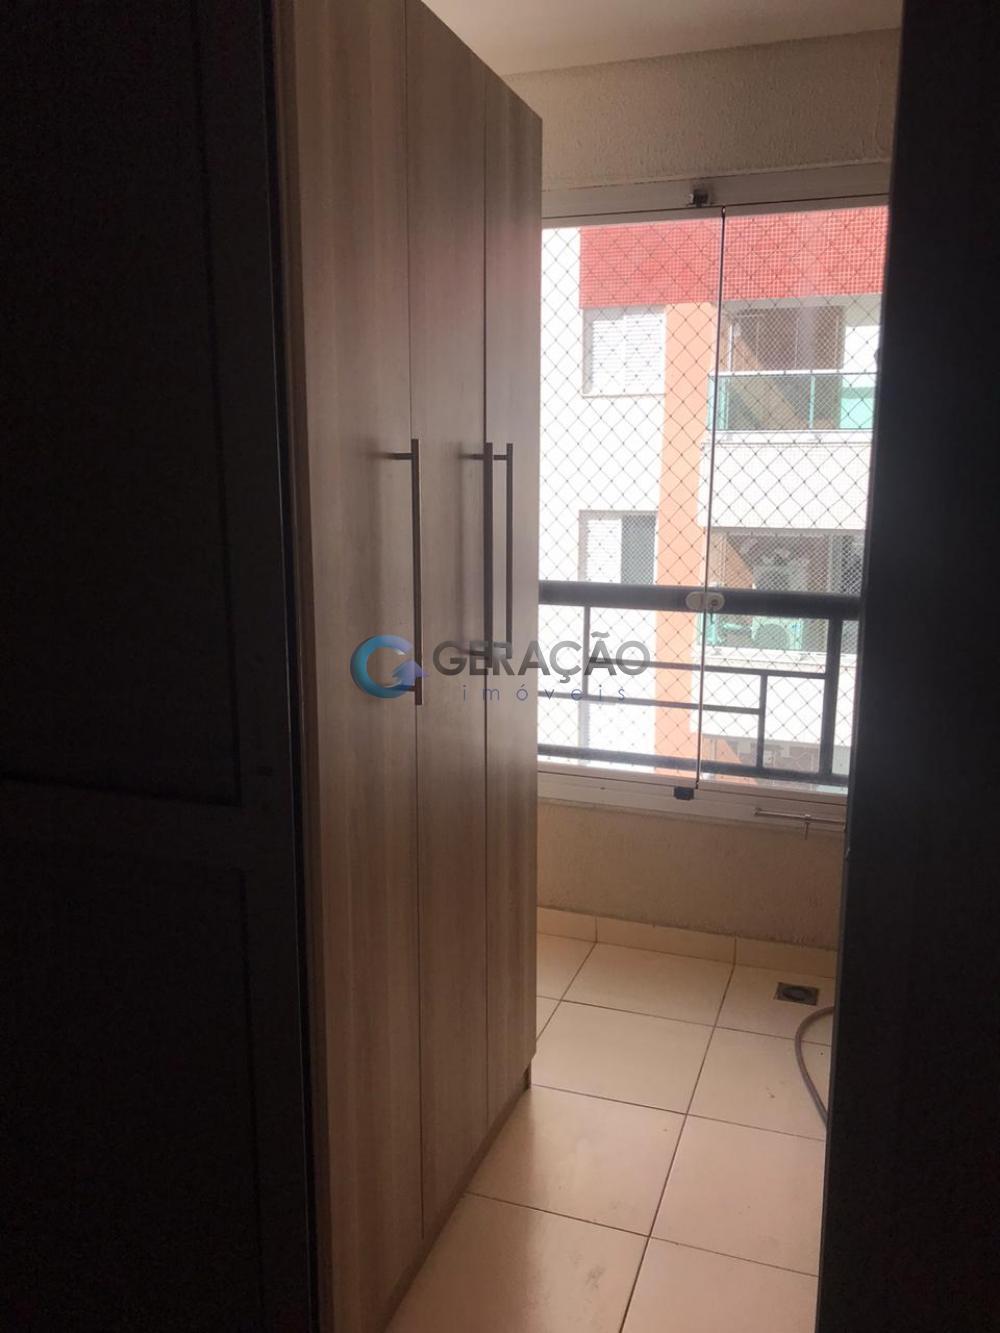 Alugar Apartamento / Padrão em São José dos Campos apenas R$ 2.200,00 - Foto 8